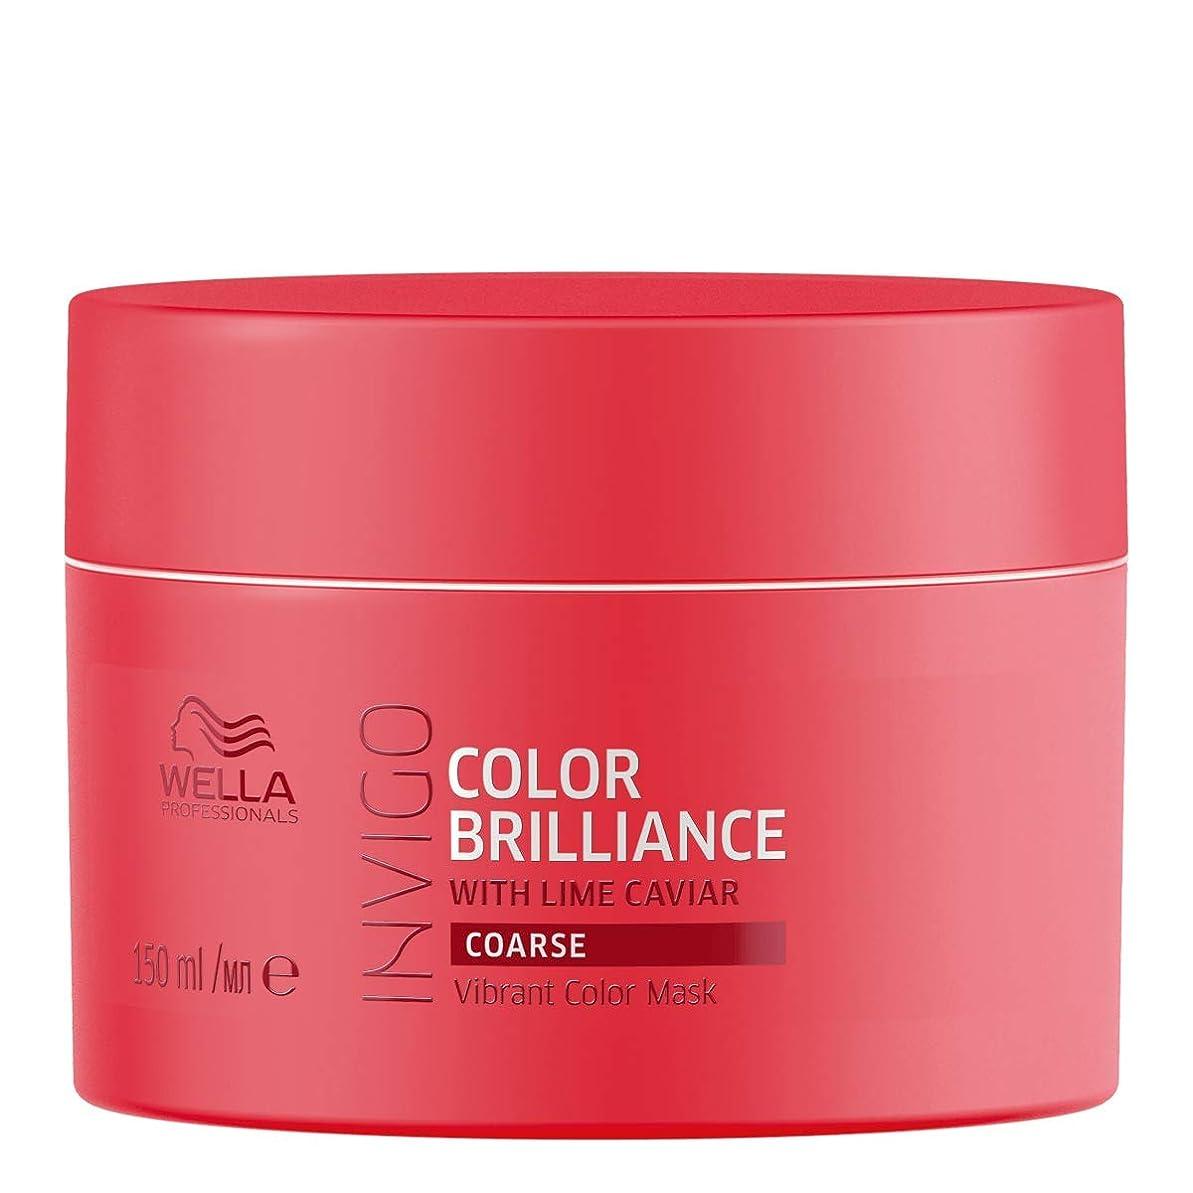 商品マルクス主義不毛のウエラ インヴィゴ コース カラー マスク Wella Invigo Color Brilliance With Lime Caviar Coarse Vibrant Color Mask 150 ml [並行輸入品]